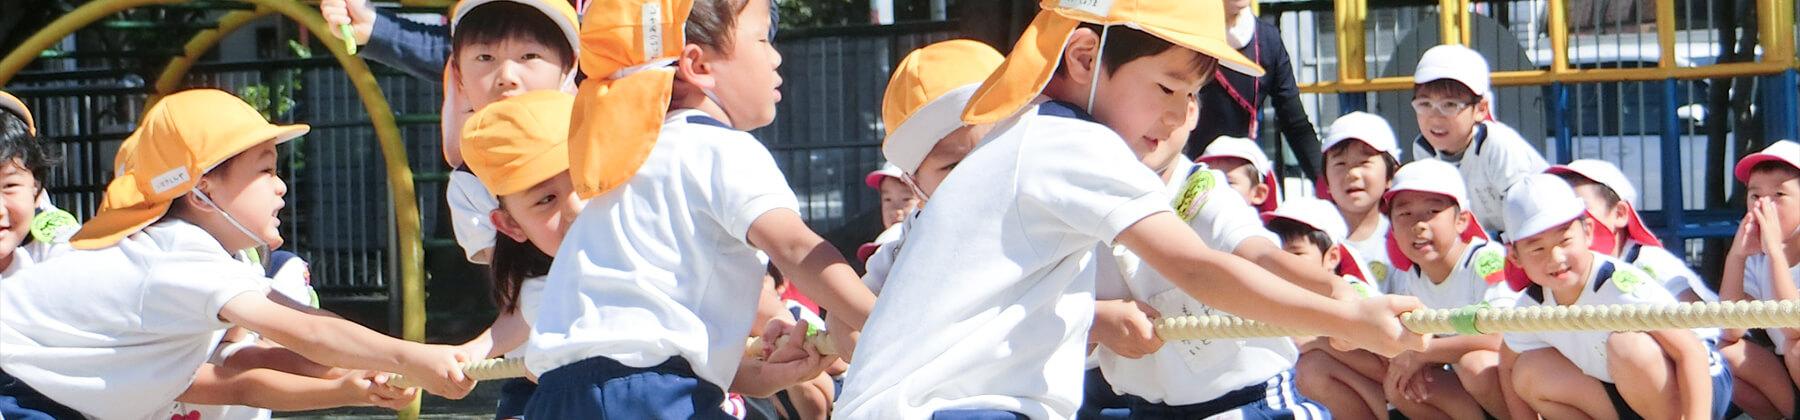 希望幼稚園の年間行事予定